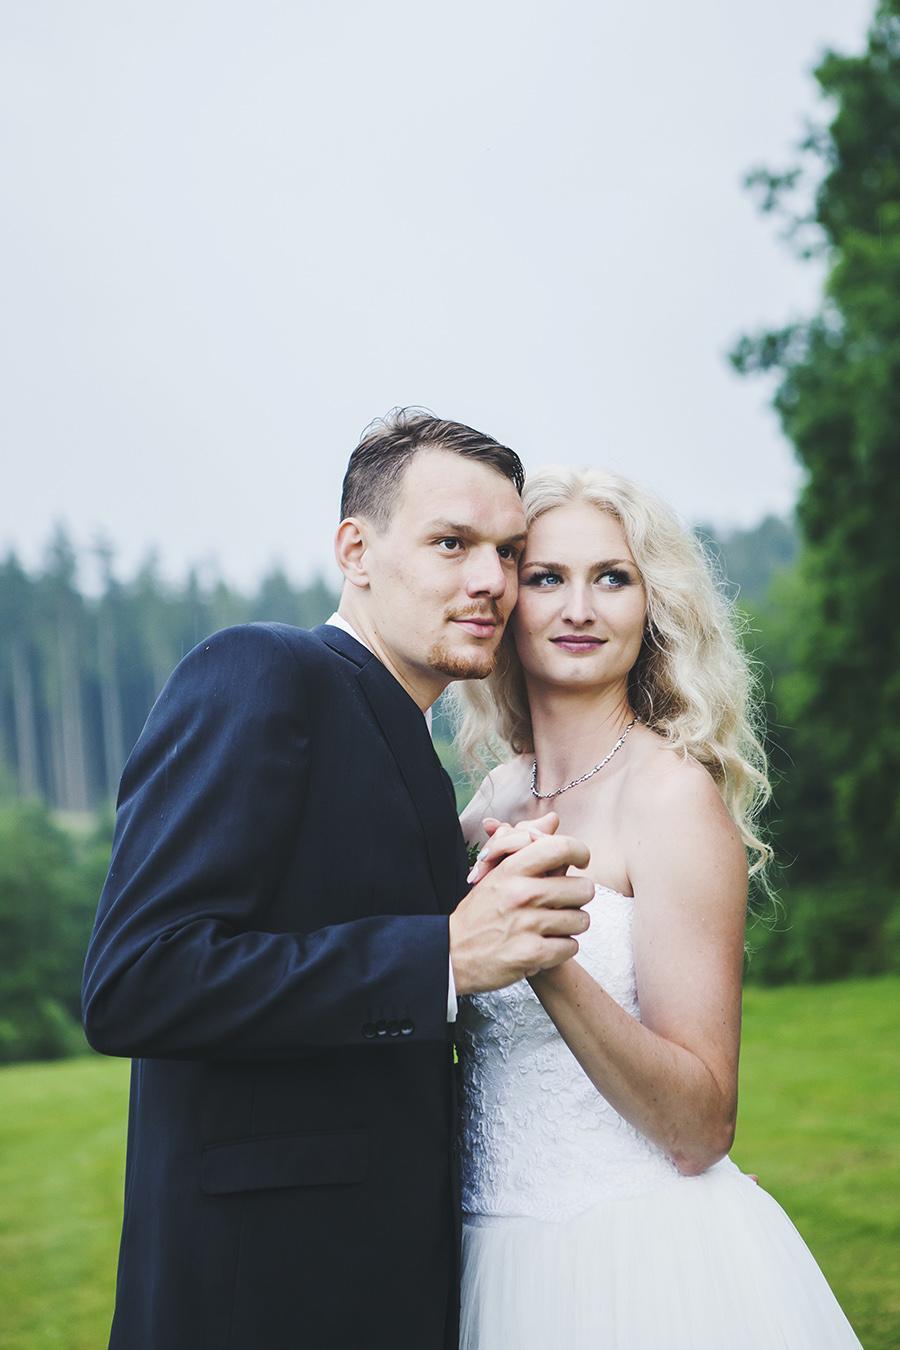 Svatba Chotysany - Obrázek č. 38